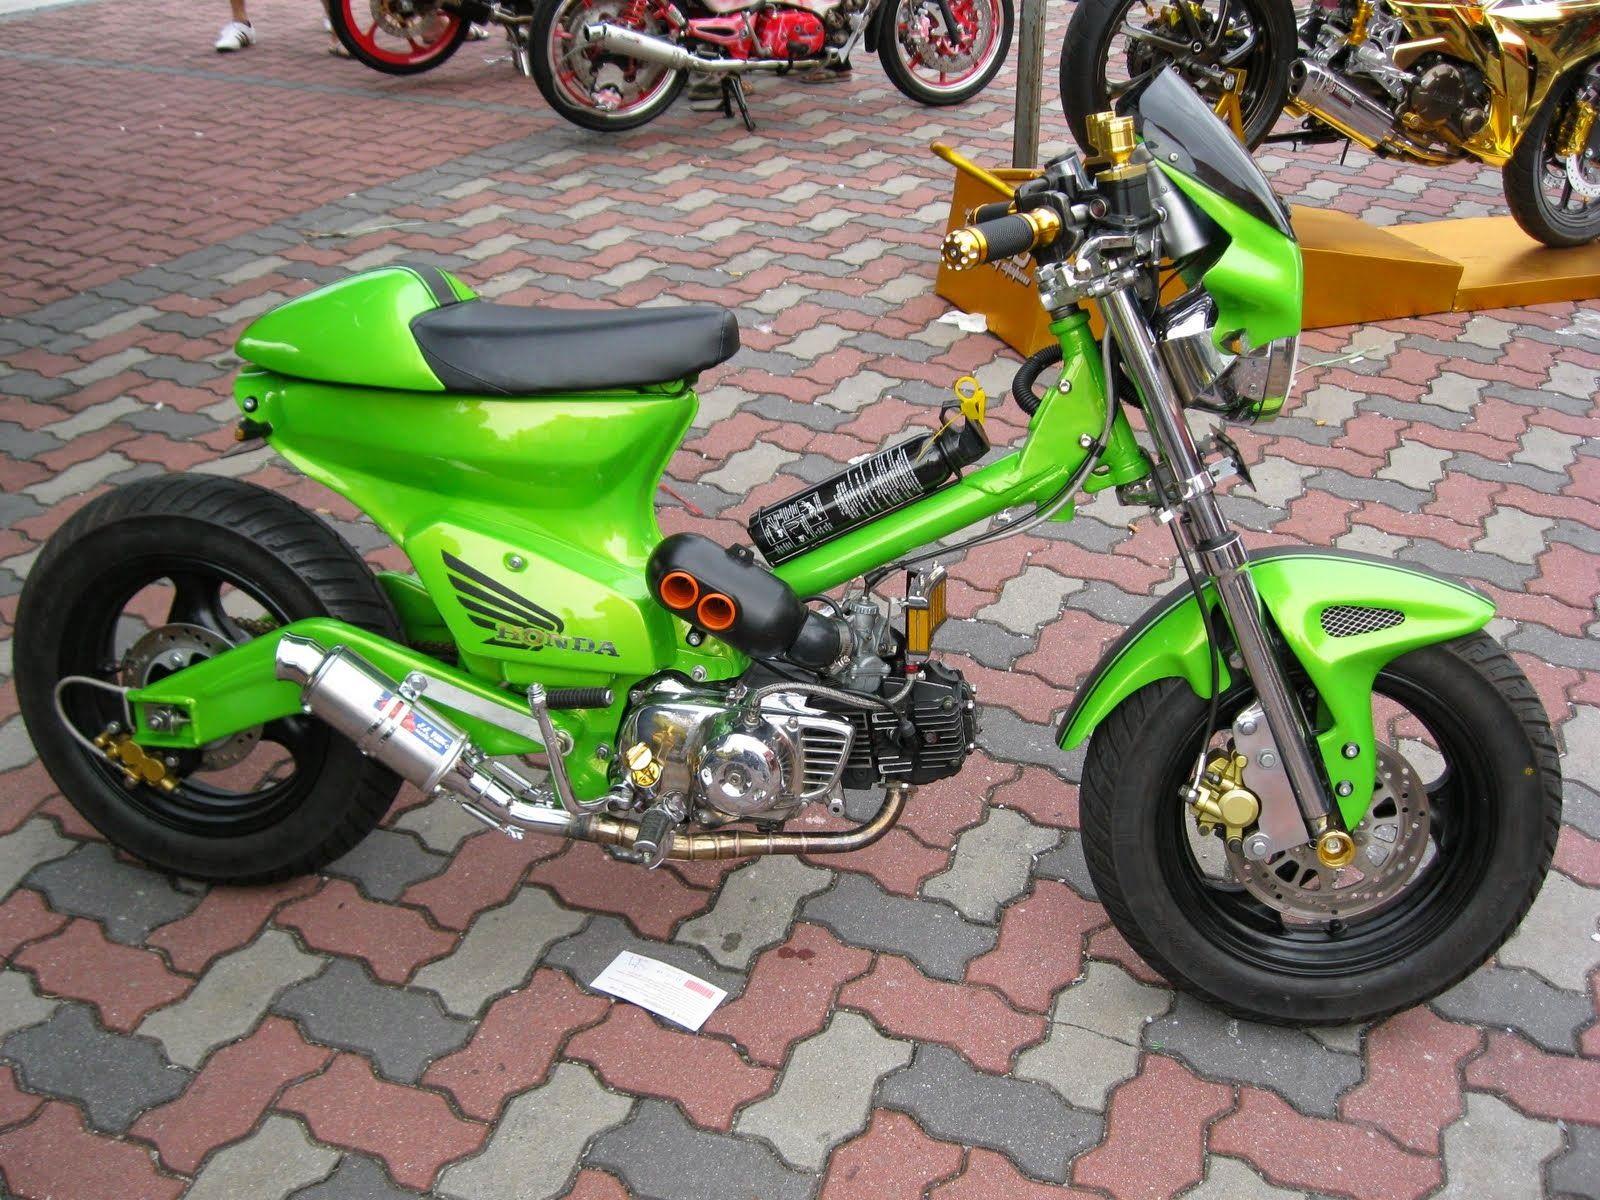 Modifikasi+motor+honda+cup+70.jpg (1600×1200)